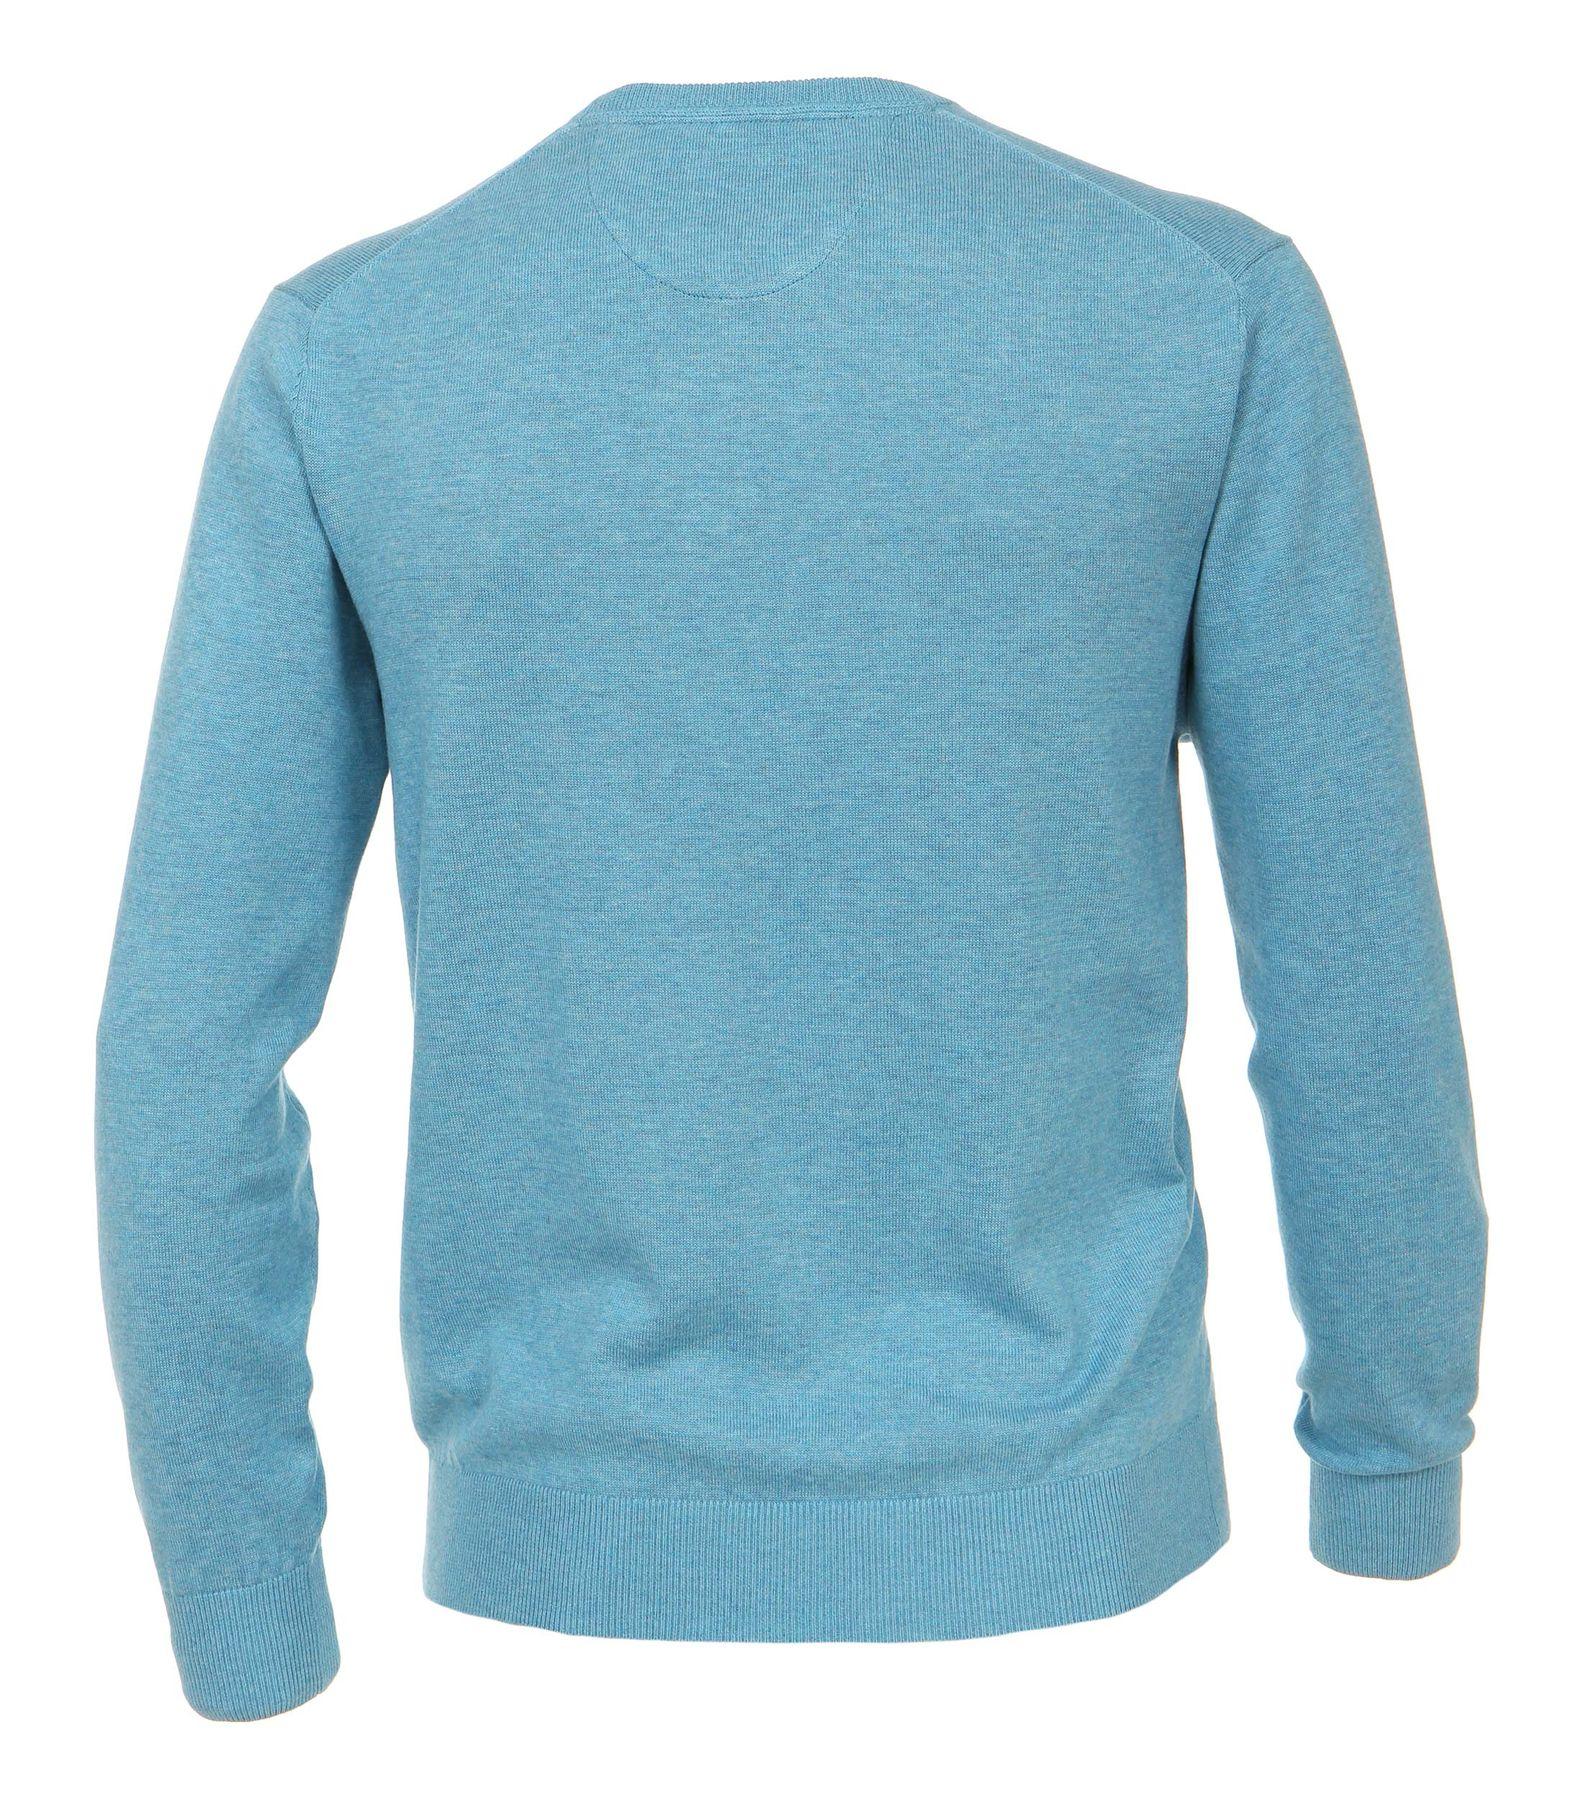 Casa Moda - Herren Pullover mit V-Ausschnitt in verschiedenen Farben (004130) – Bild 5